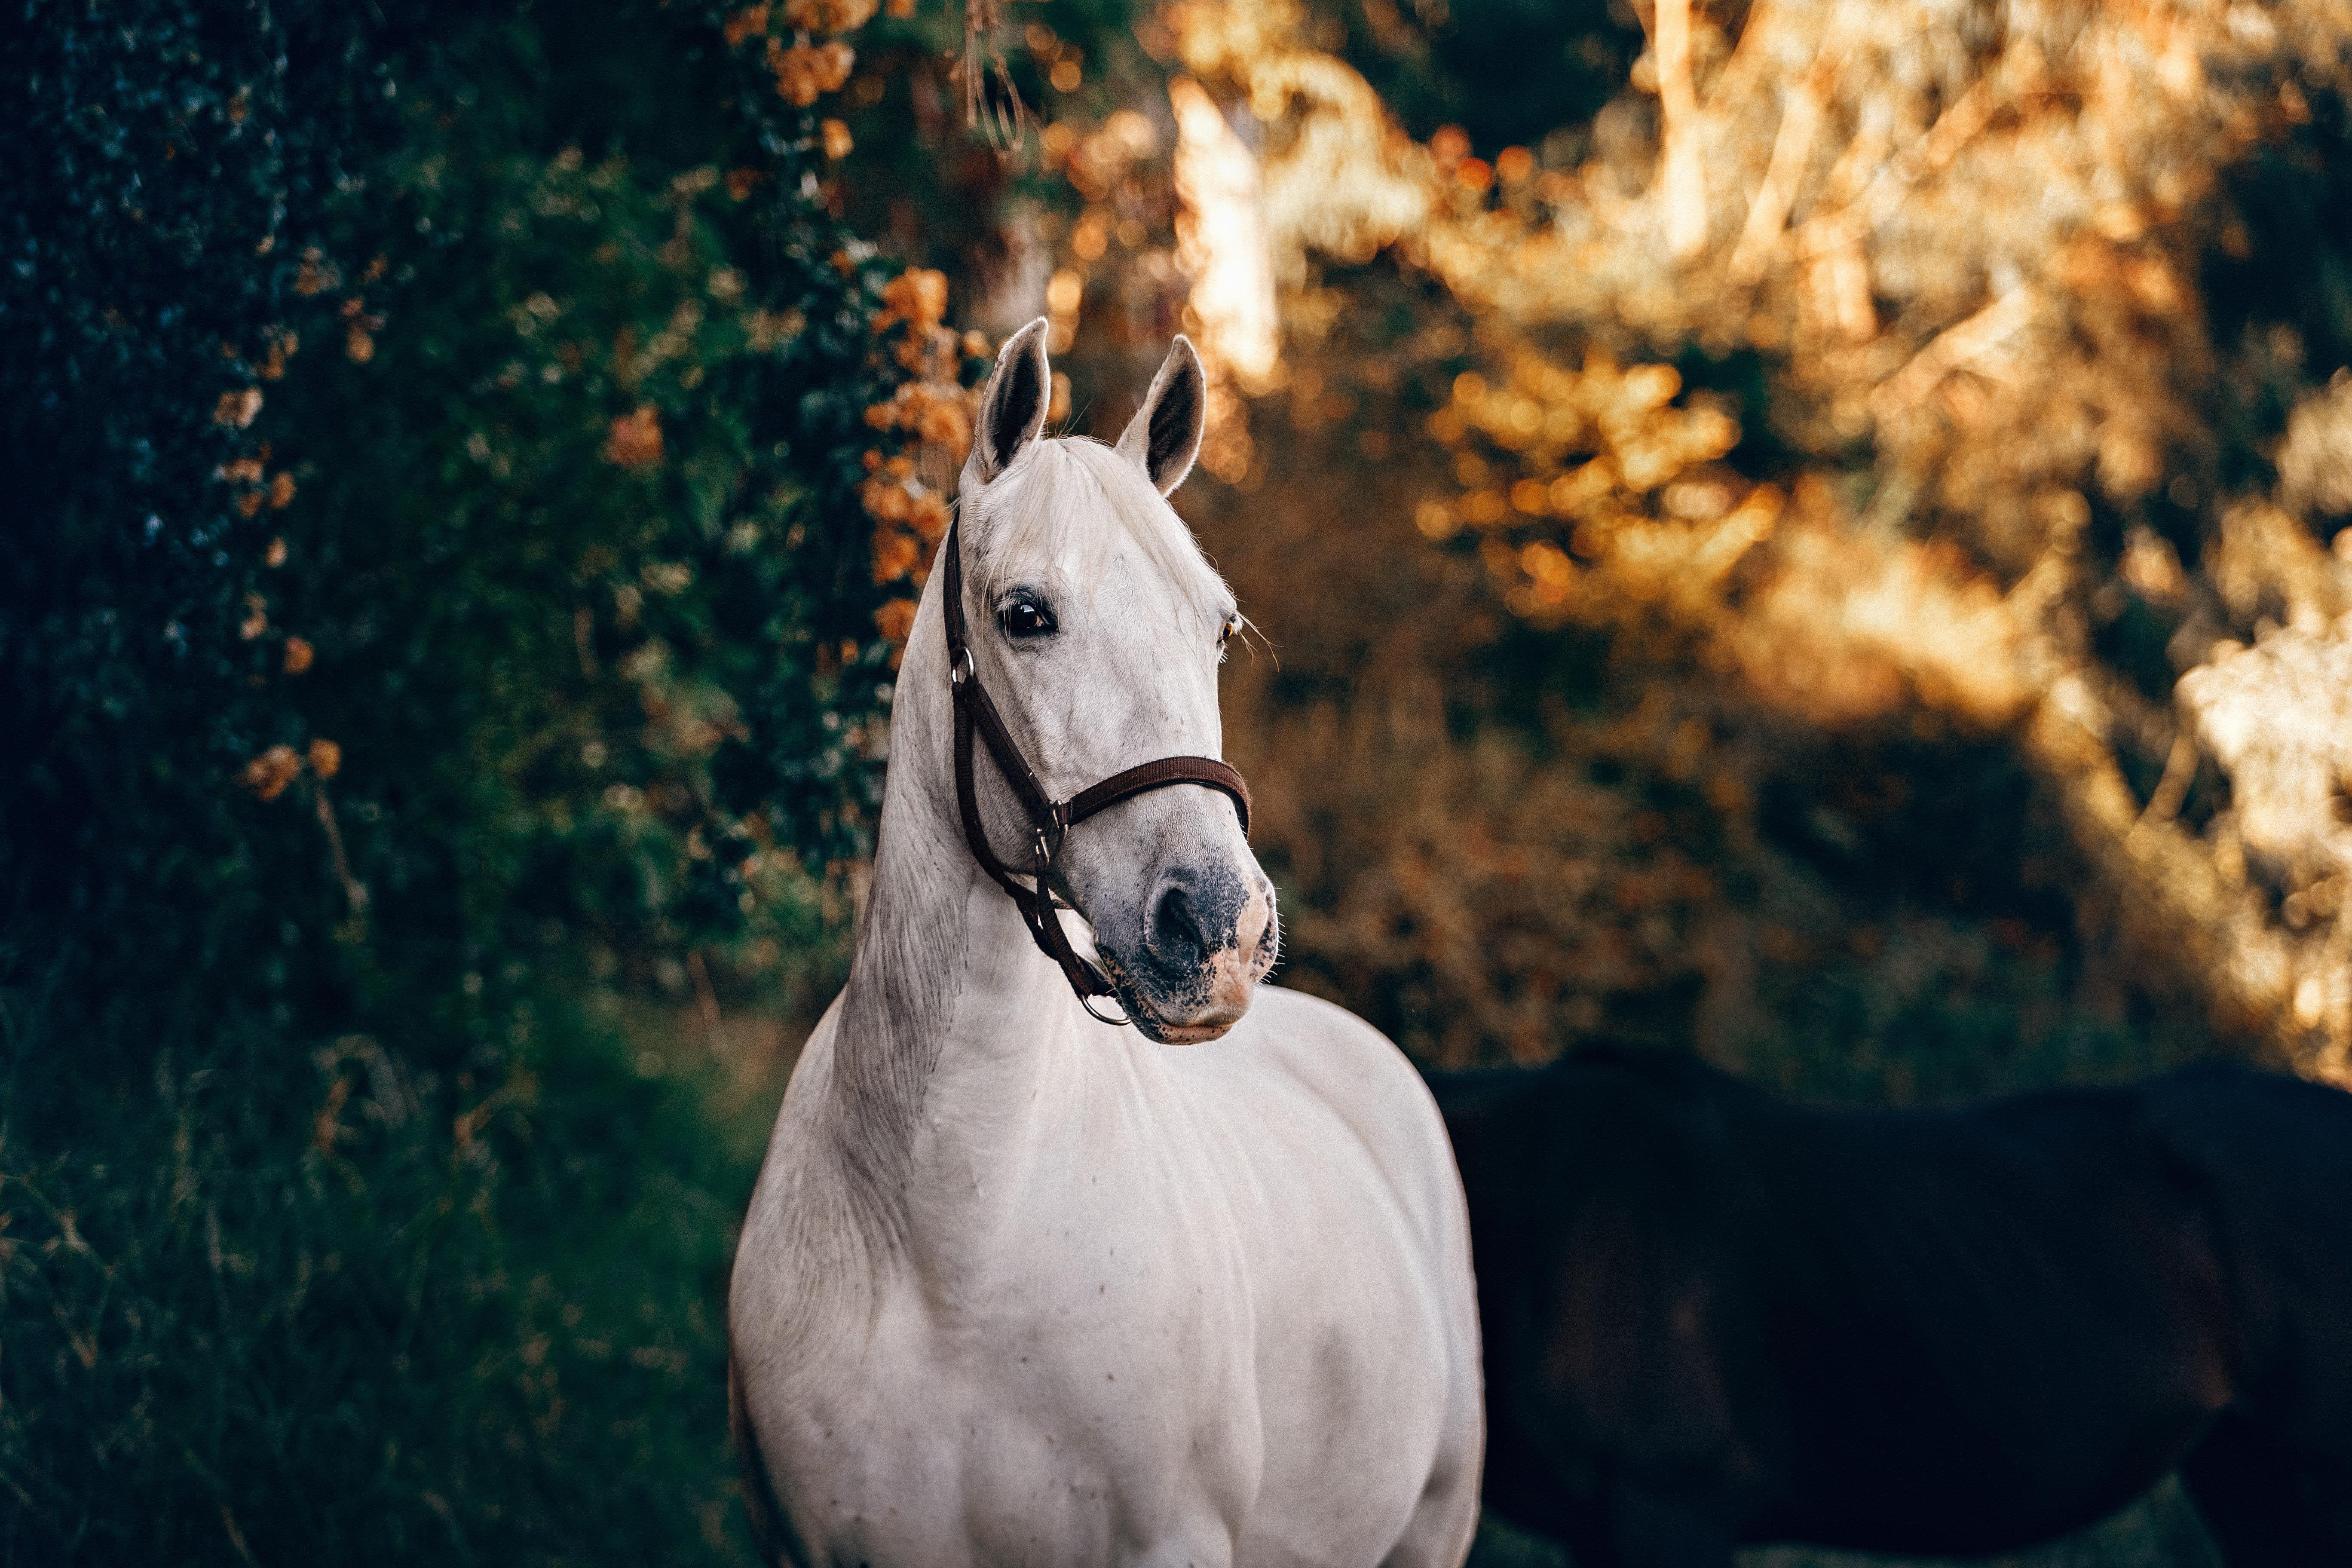 Understanding colic in horses